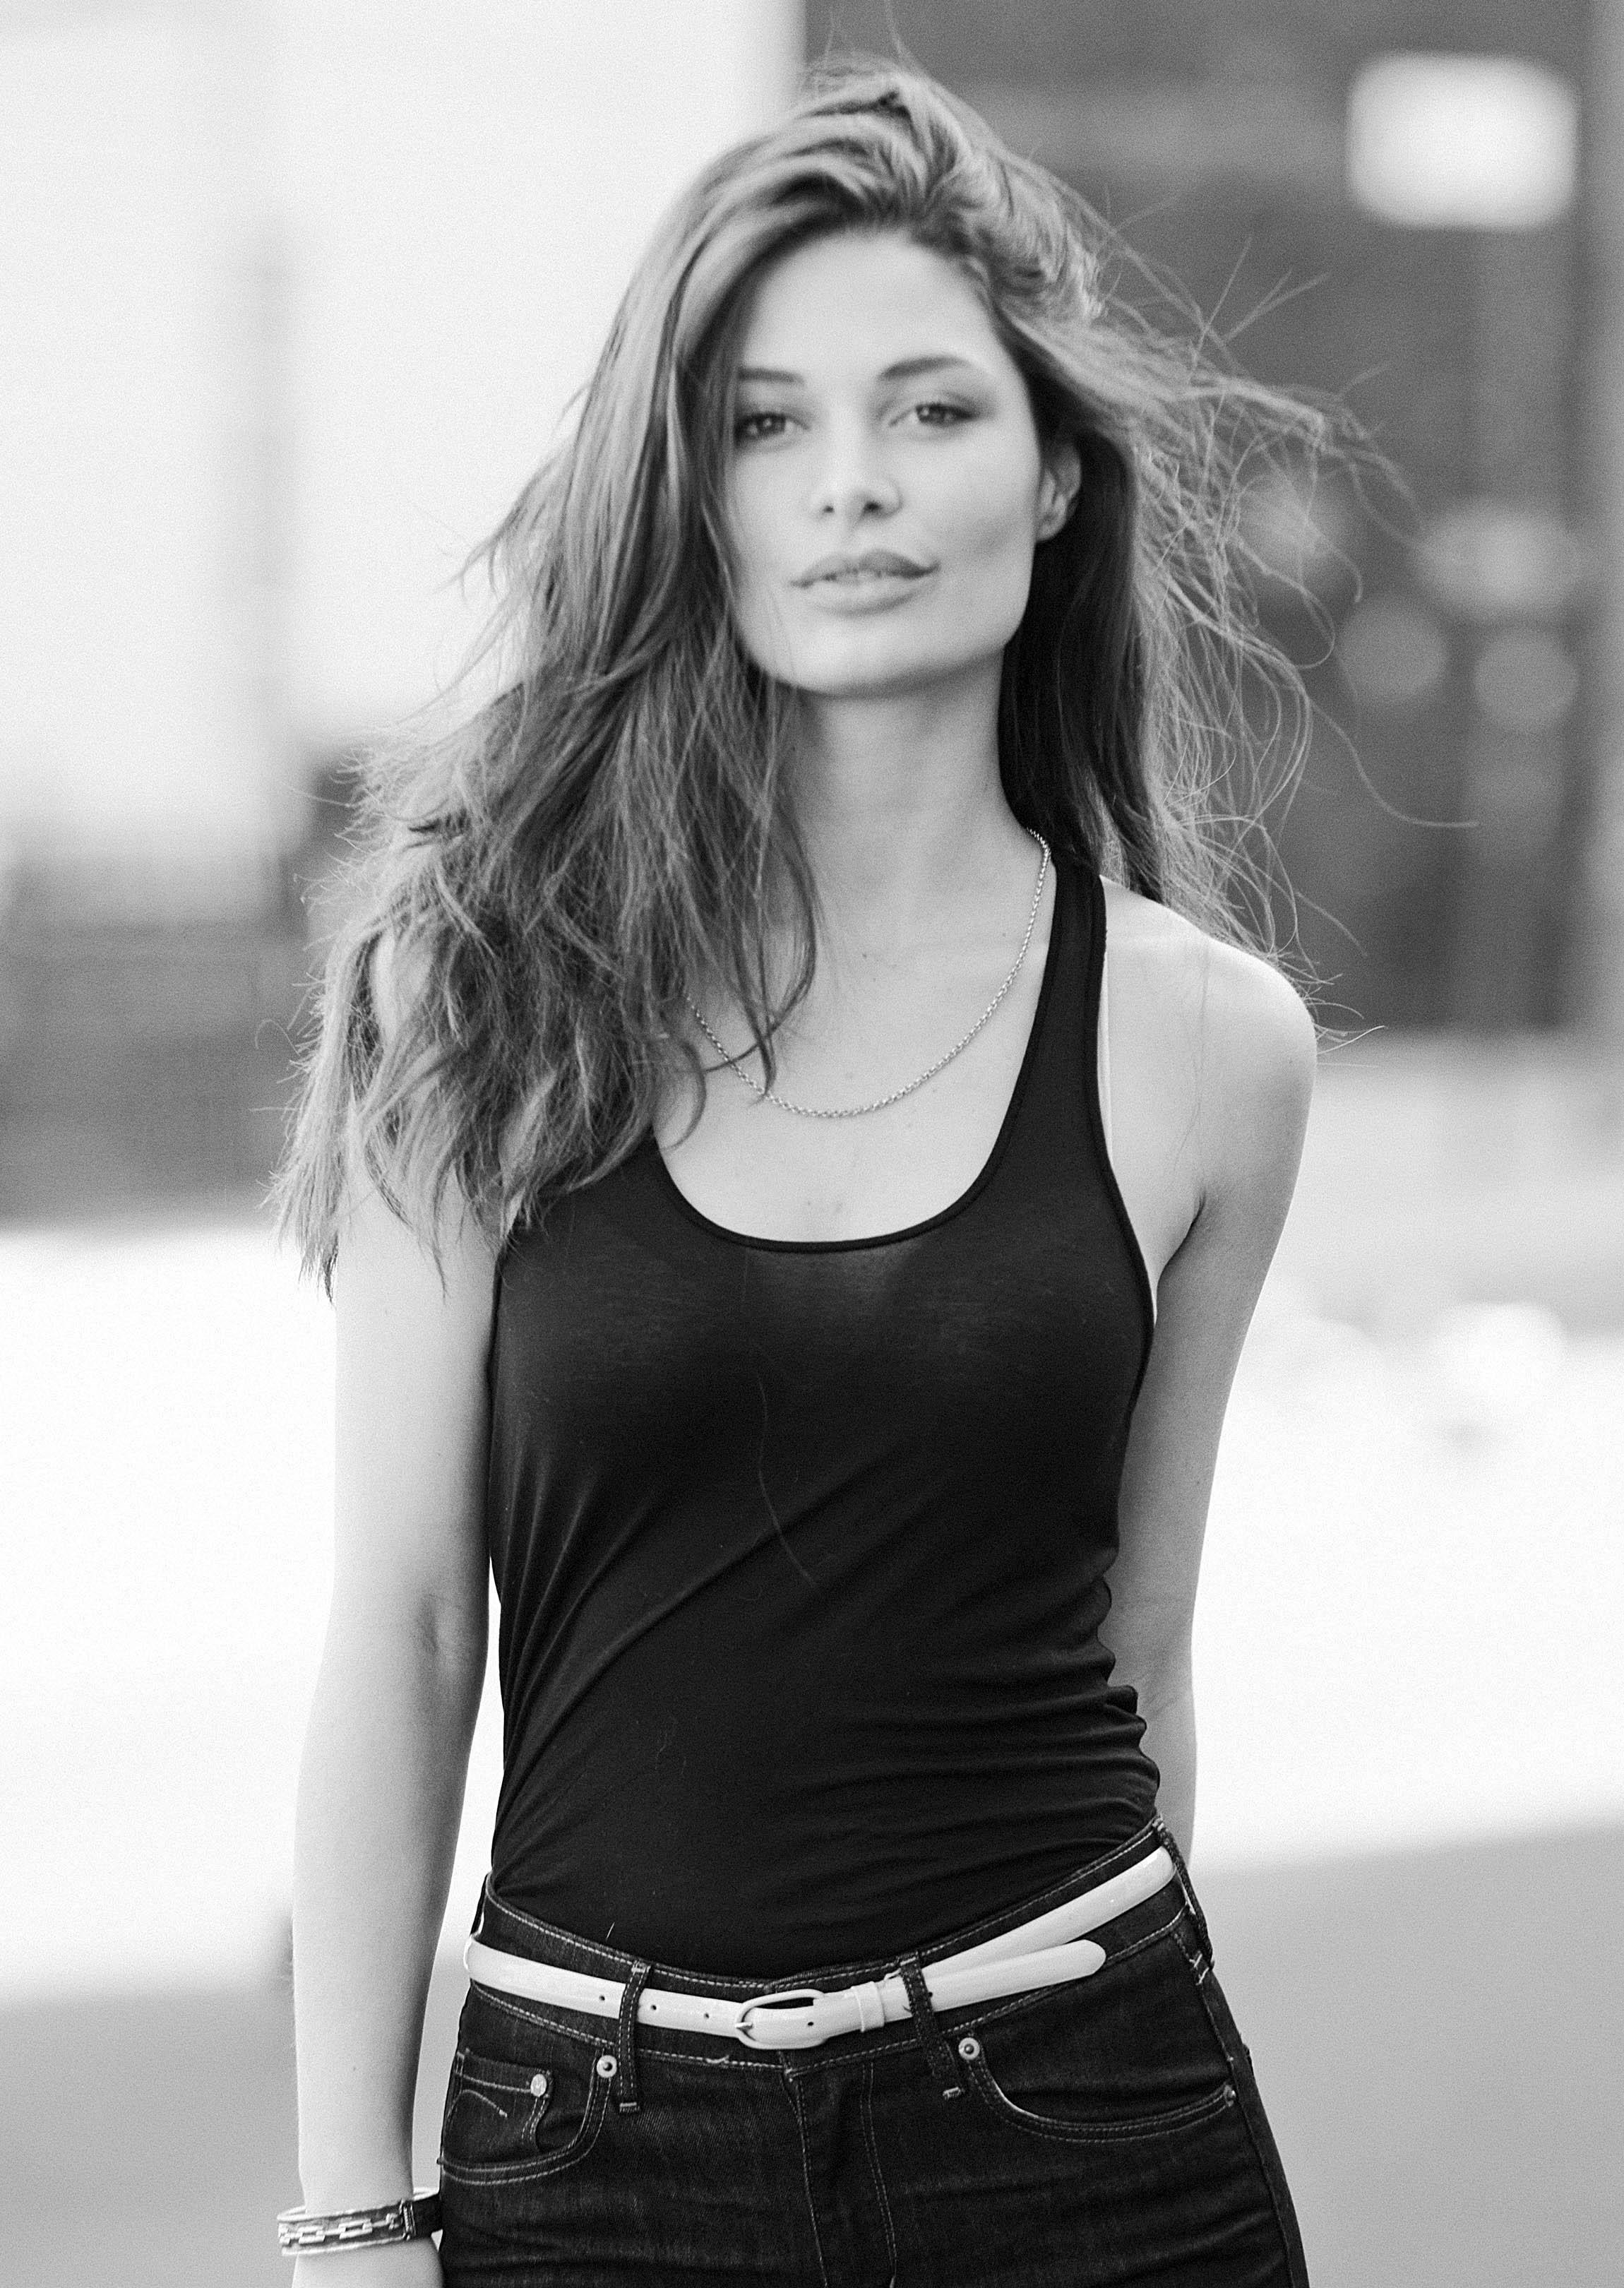 Alessia-Menozzi-18